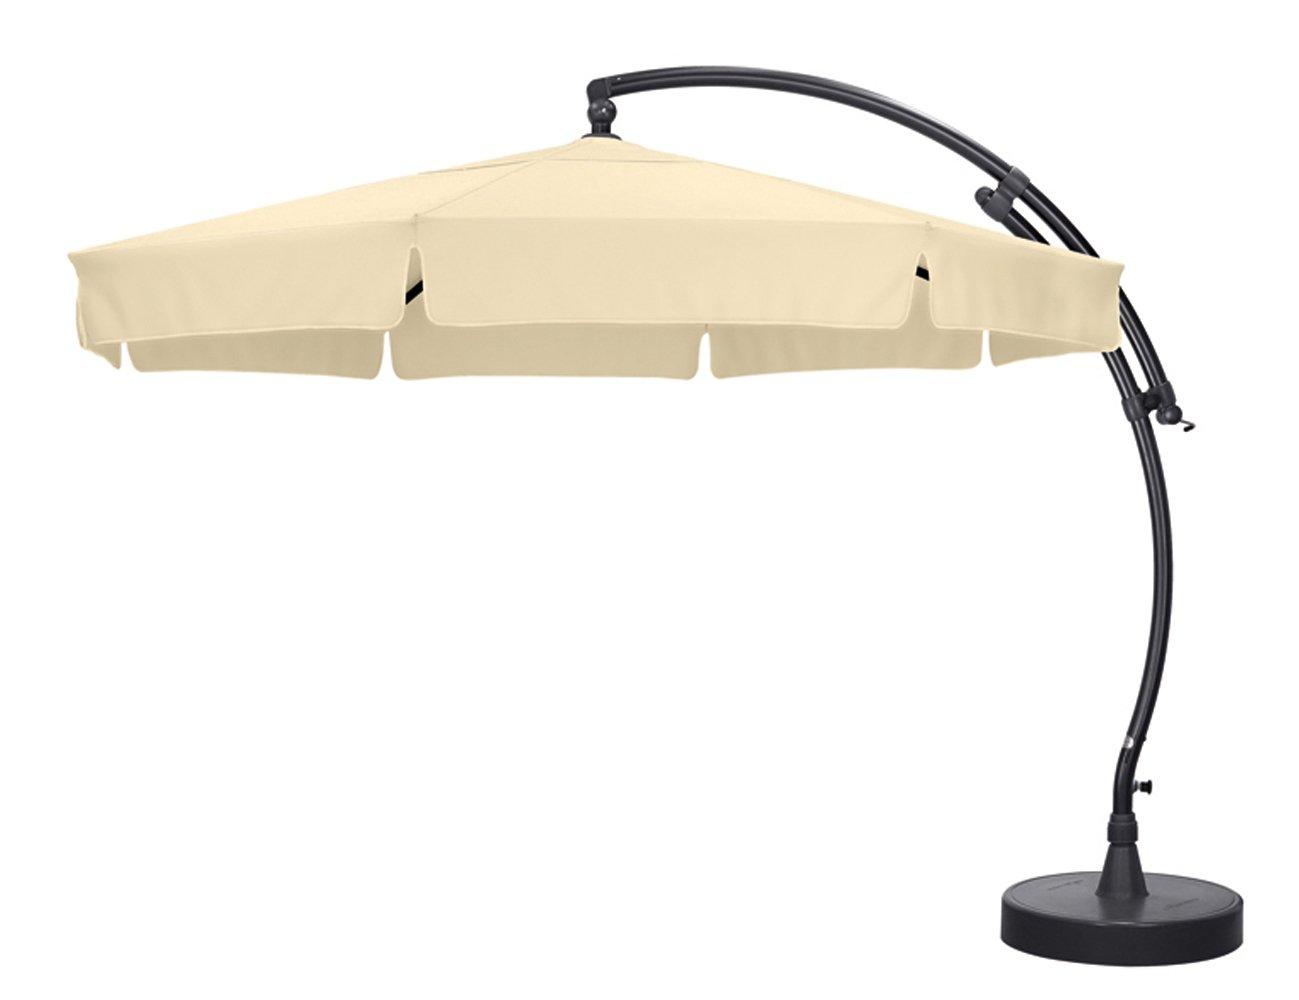 Sun Garden 10115886 Ampelschirm Easy-Sun, Polyester, ø 3.5 m, anthrazit / beige jetzt kaufen